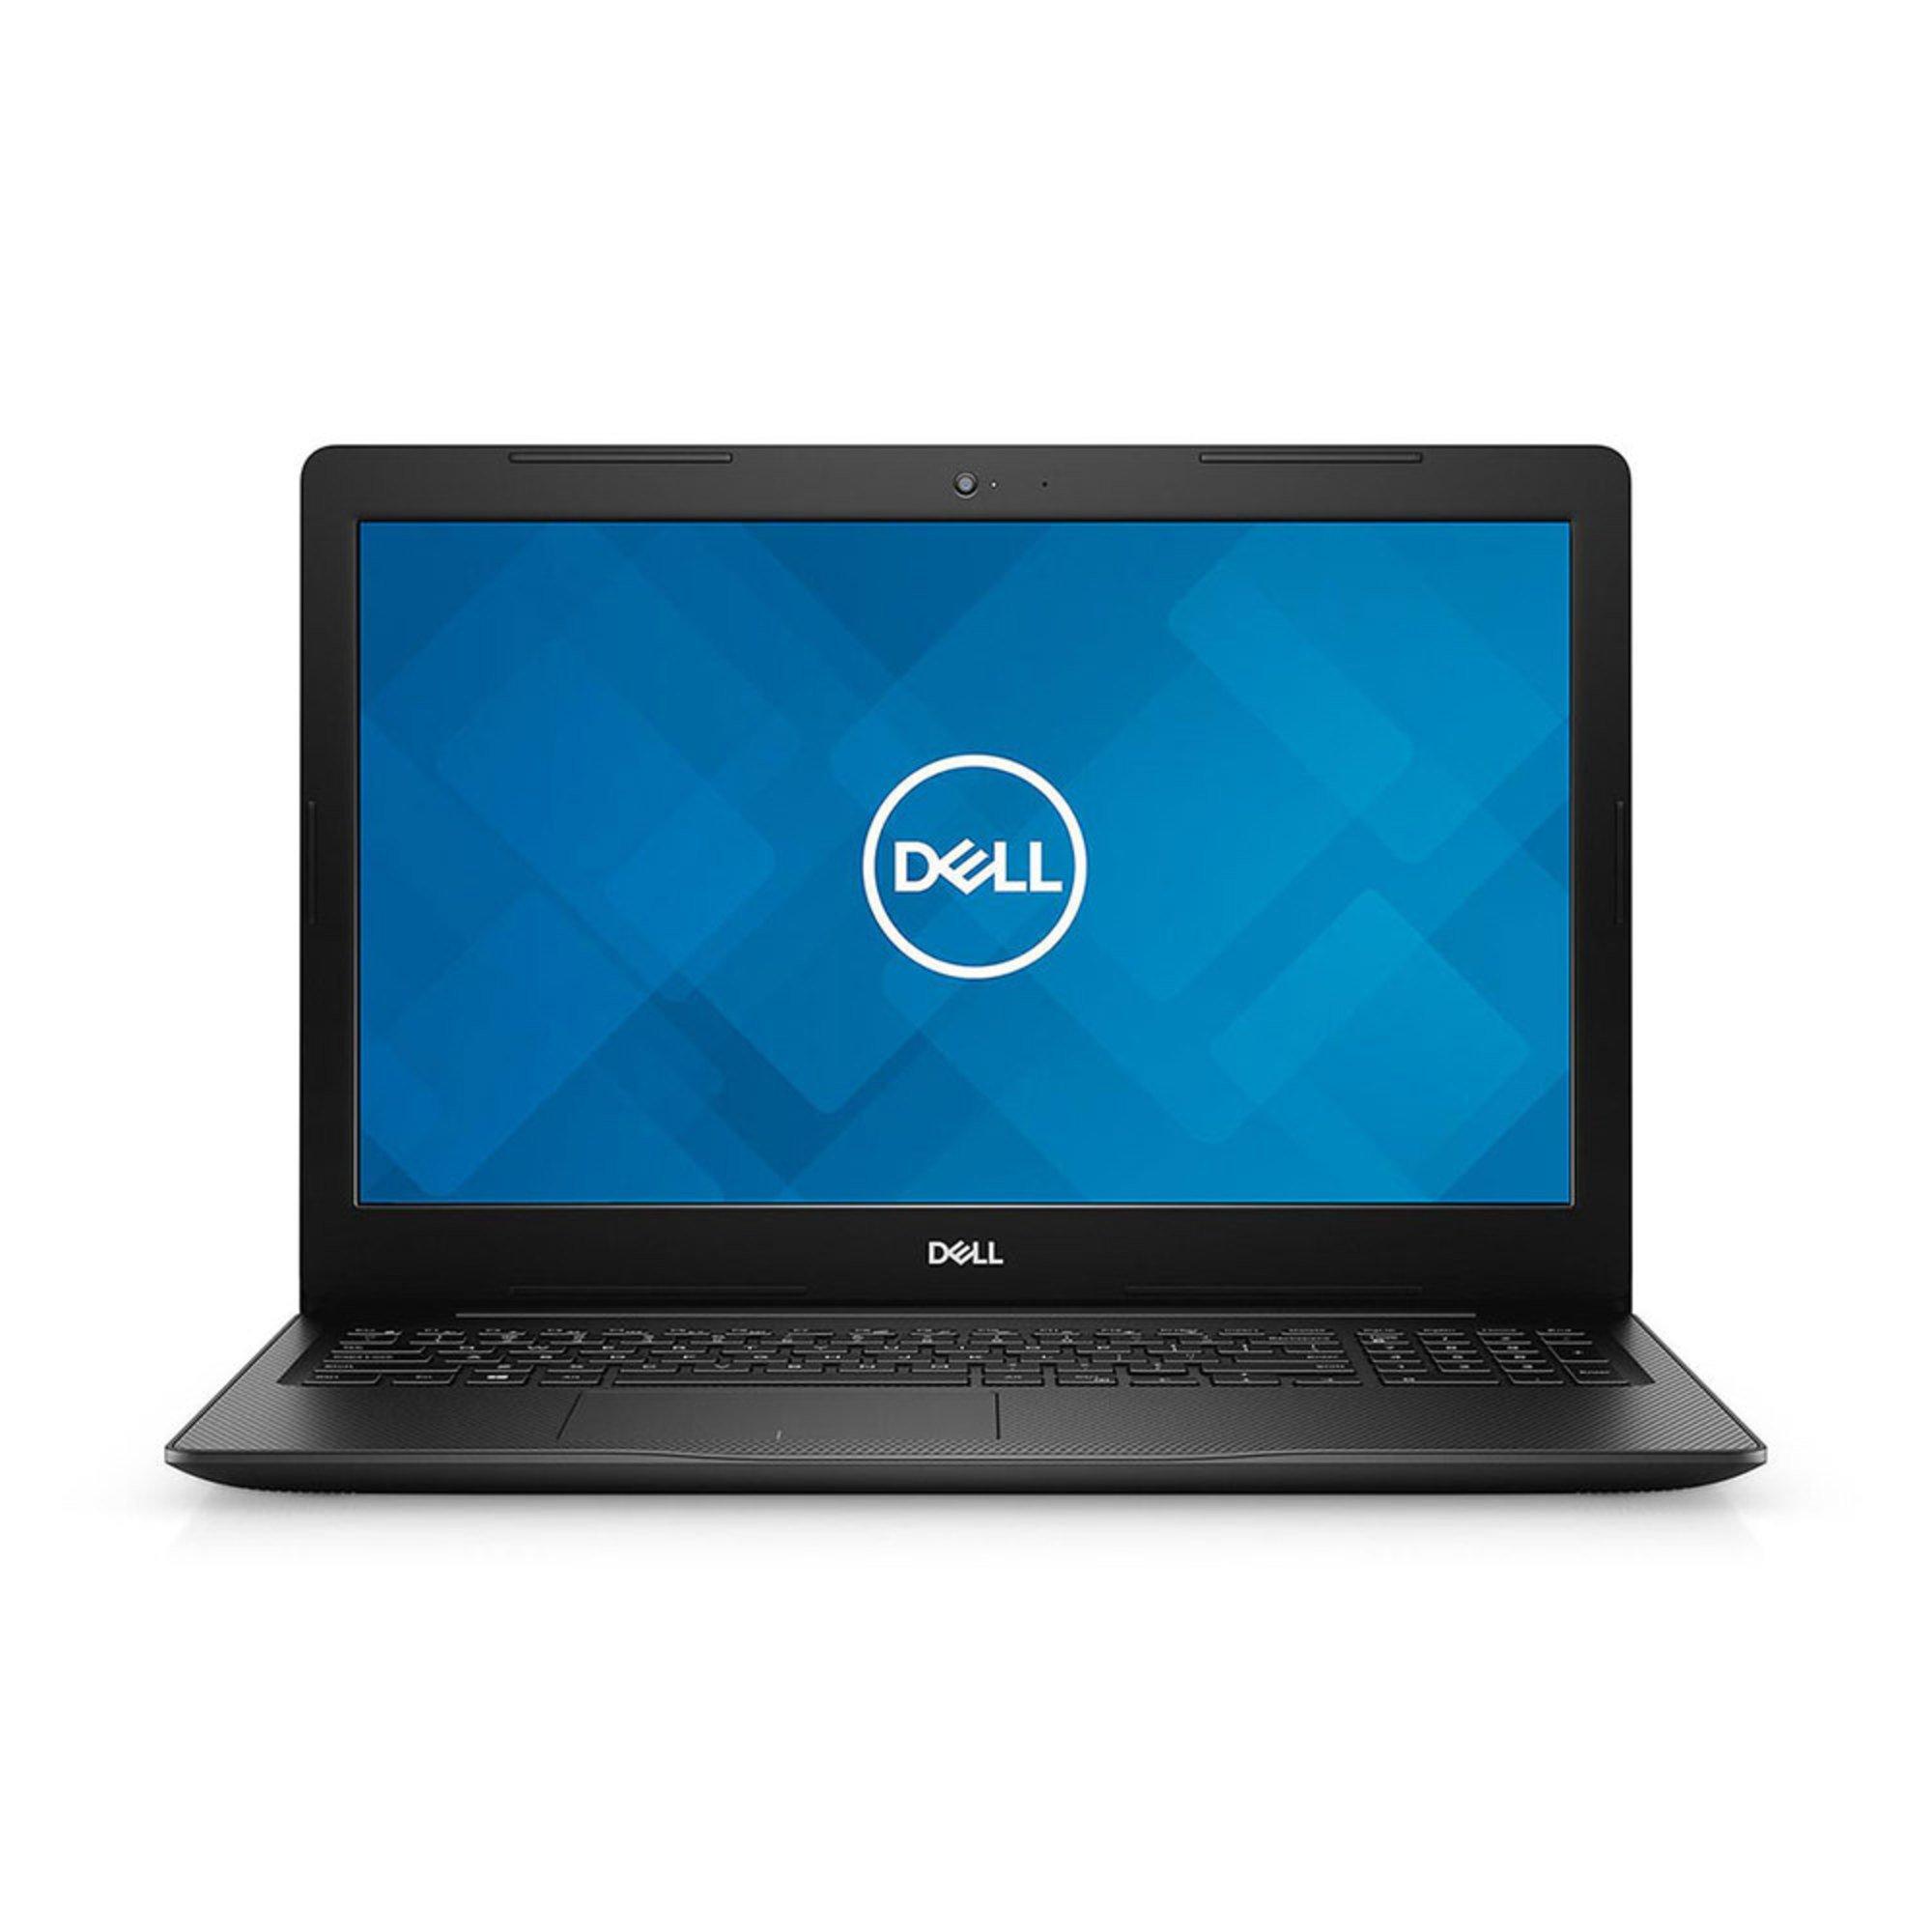 Dell Inspiron 3000 15 6